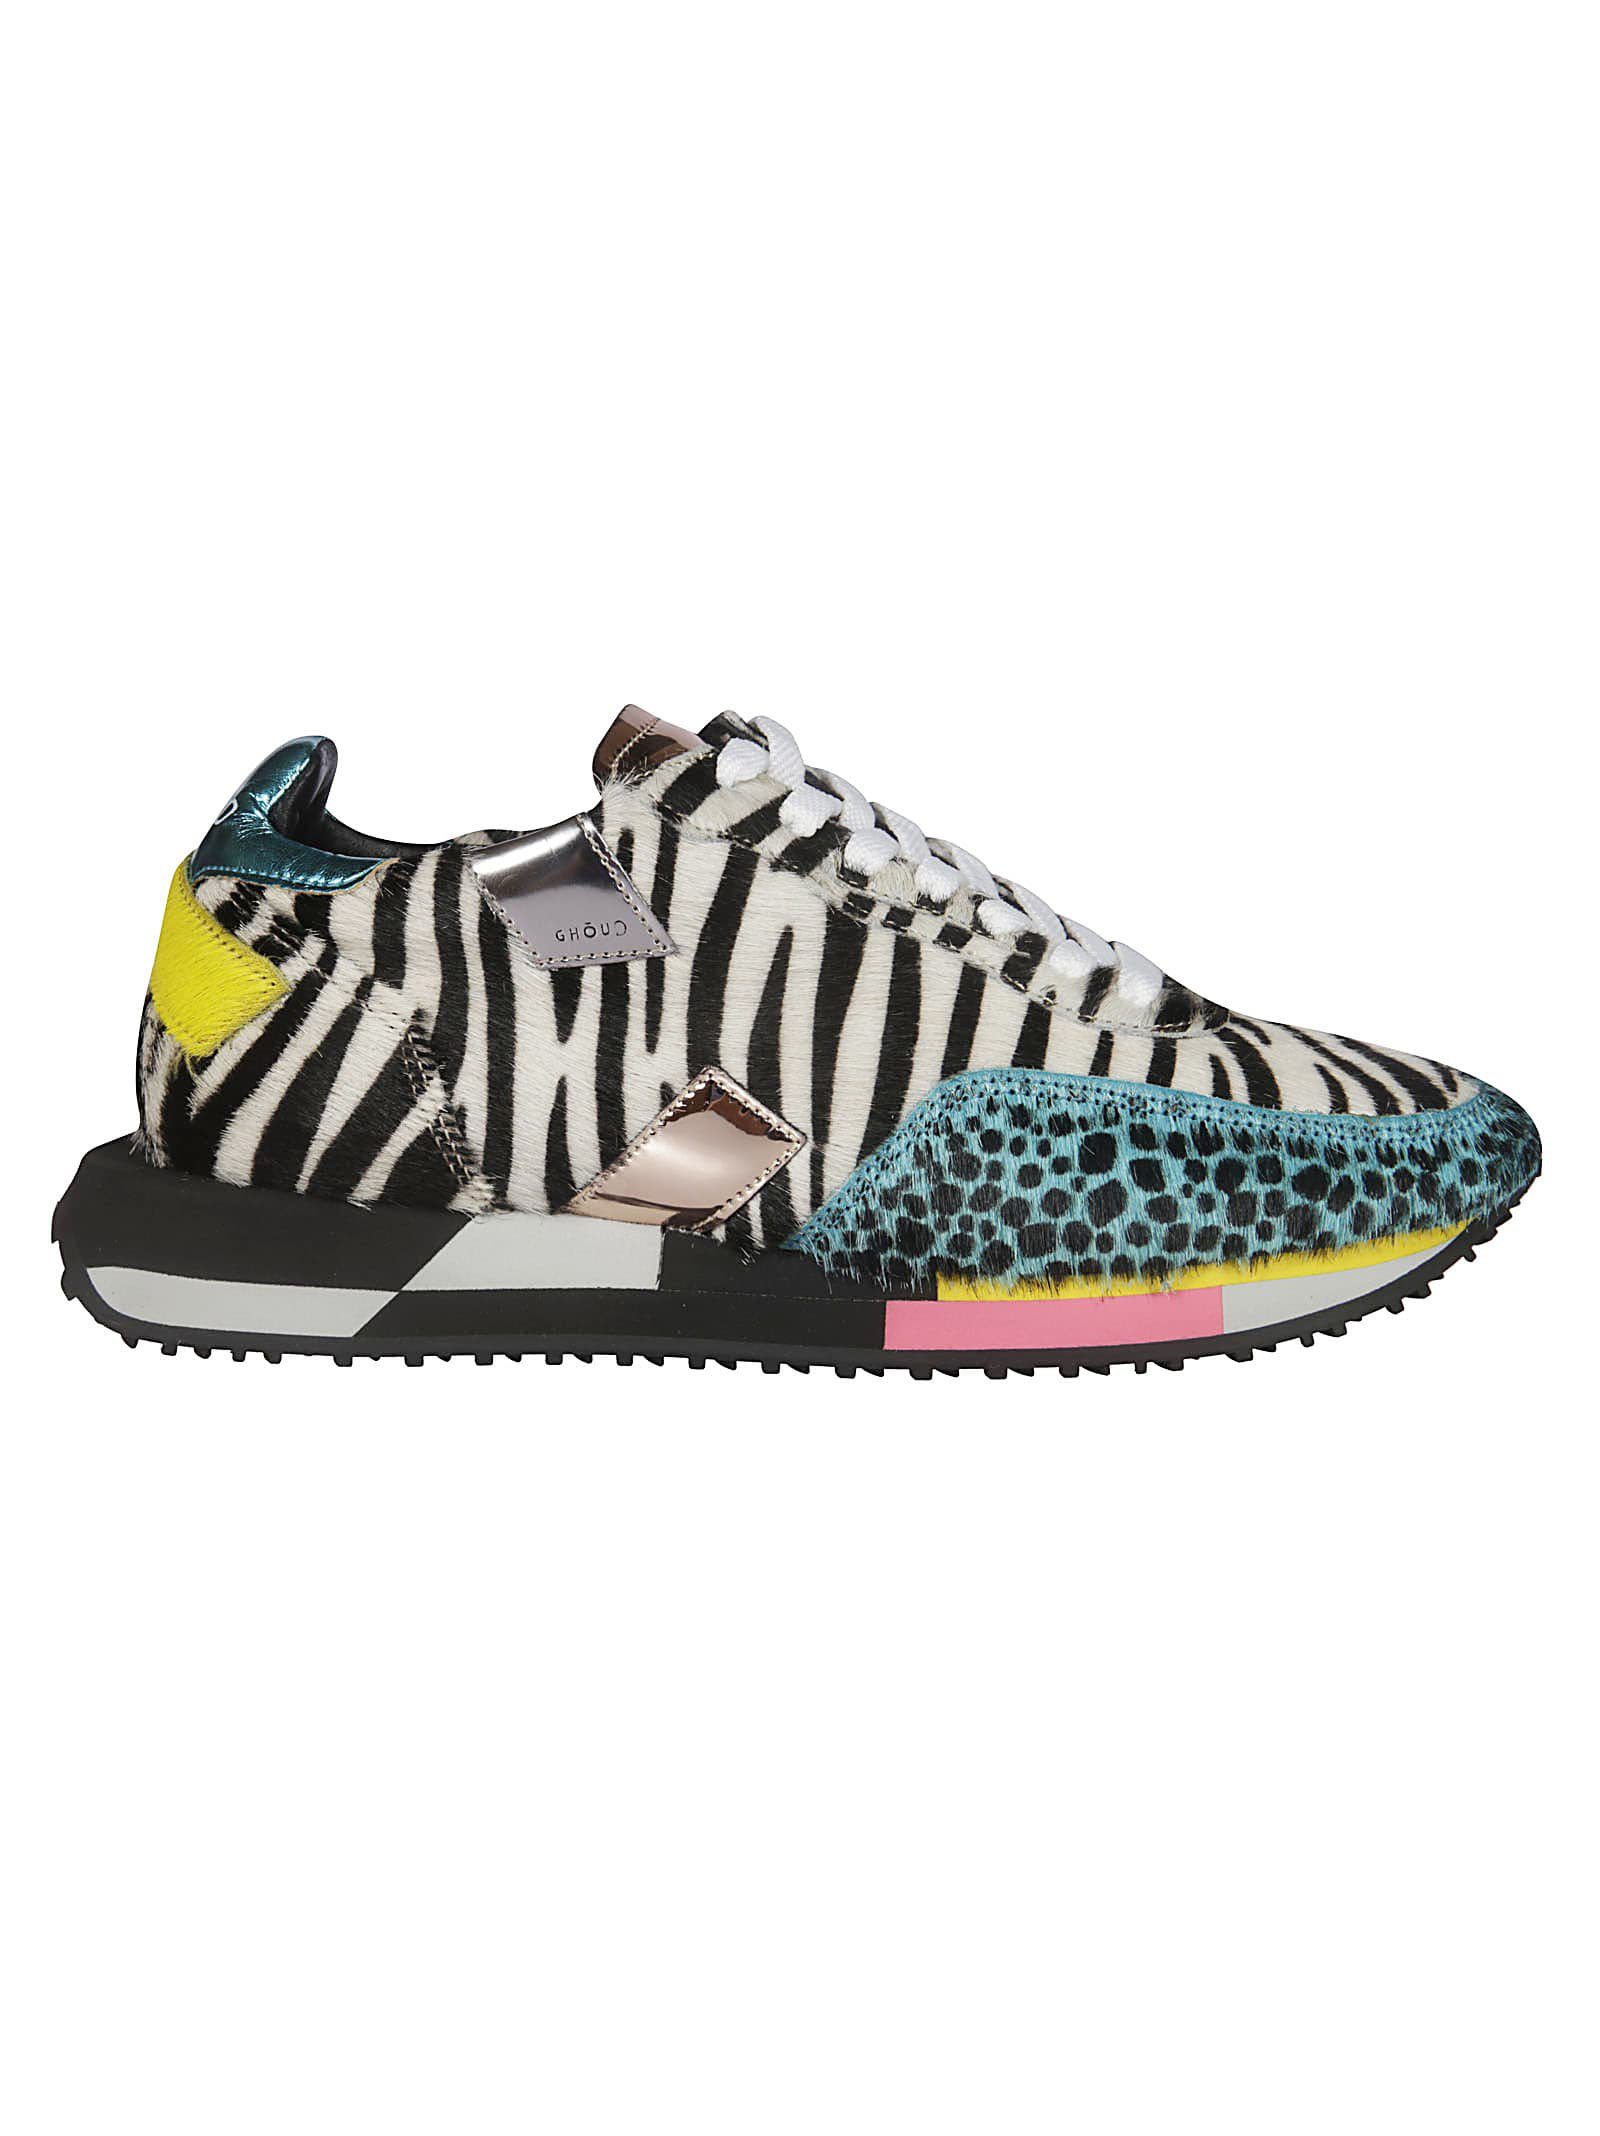 GHOUD Rush Multi Sneakers